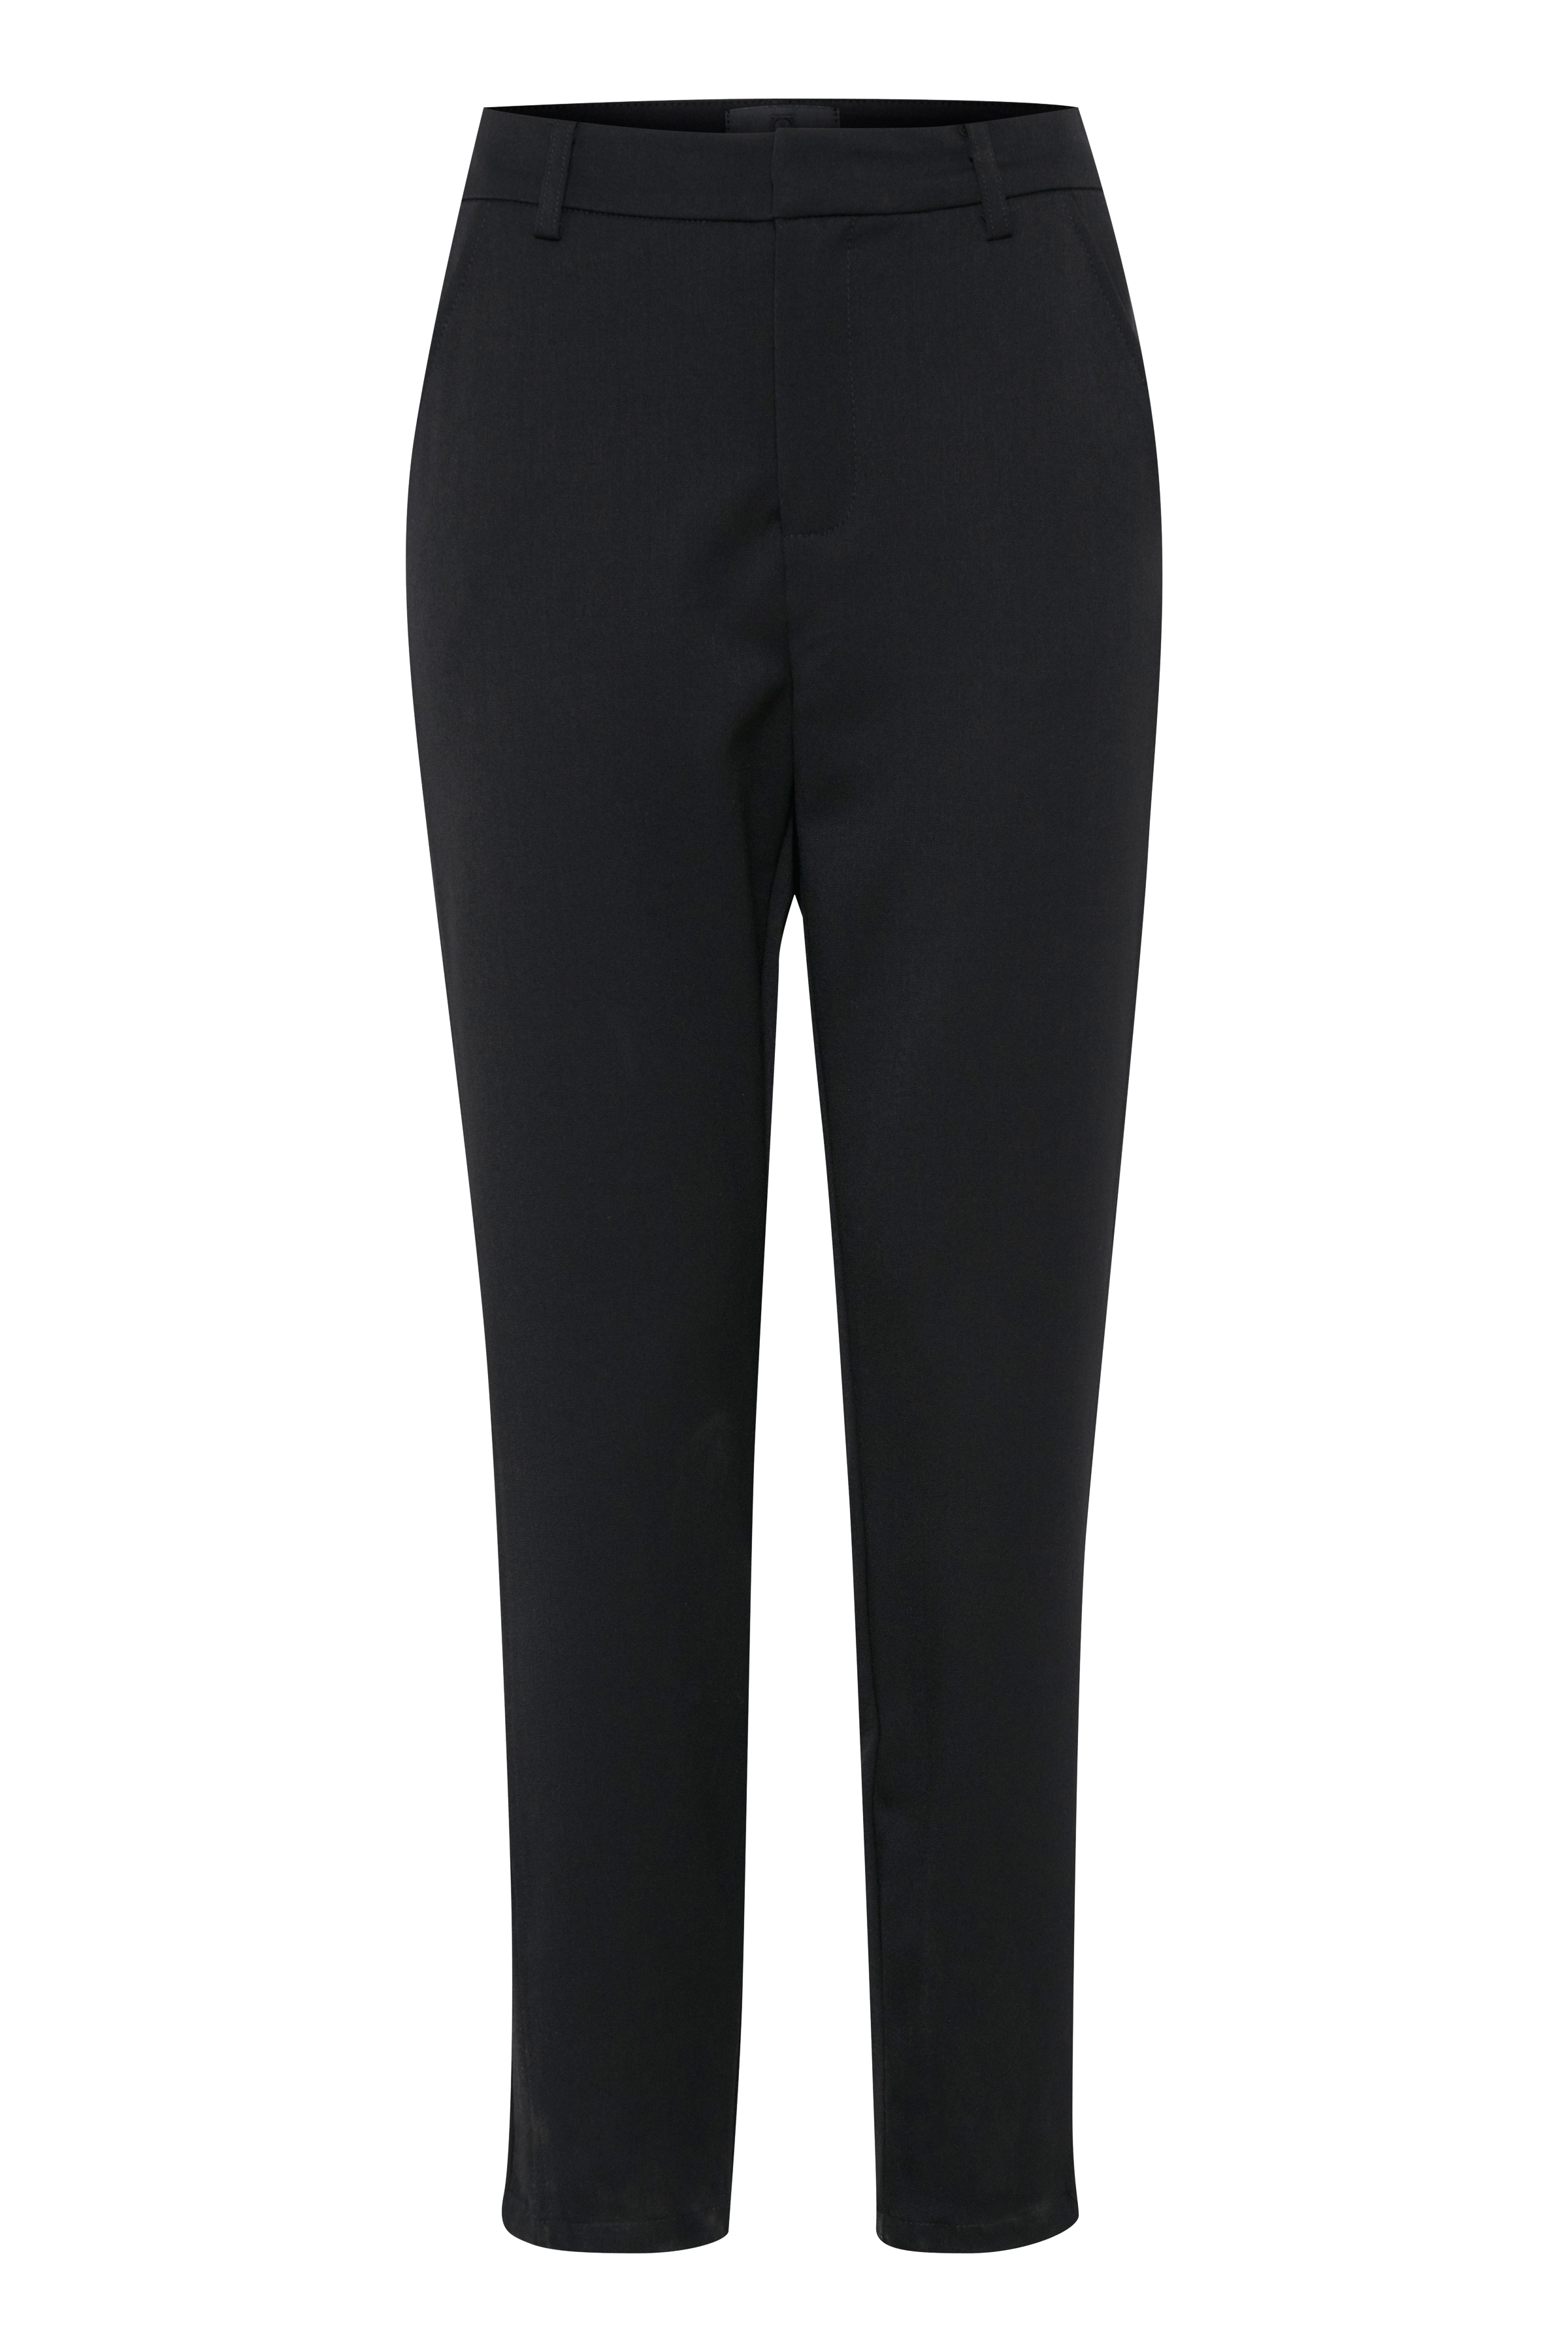 Sort Casual bukser fra Pulz Jeans – Køb Sort Casual bukser fra str. 32-46 her